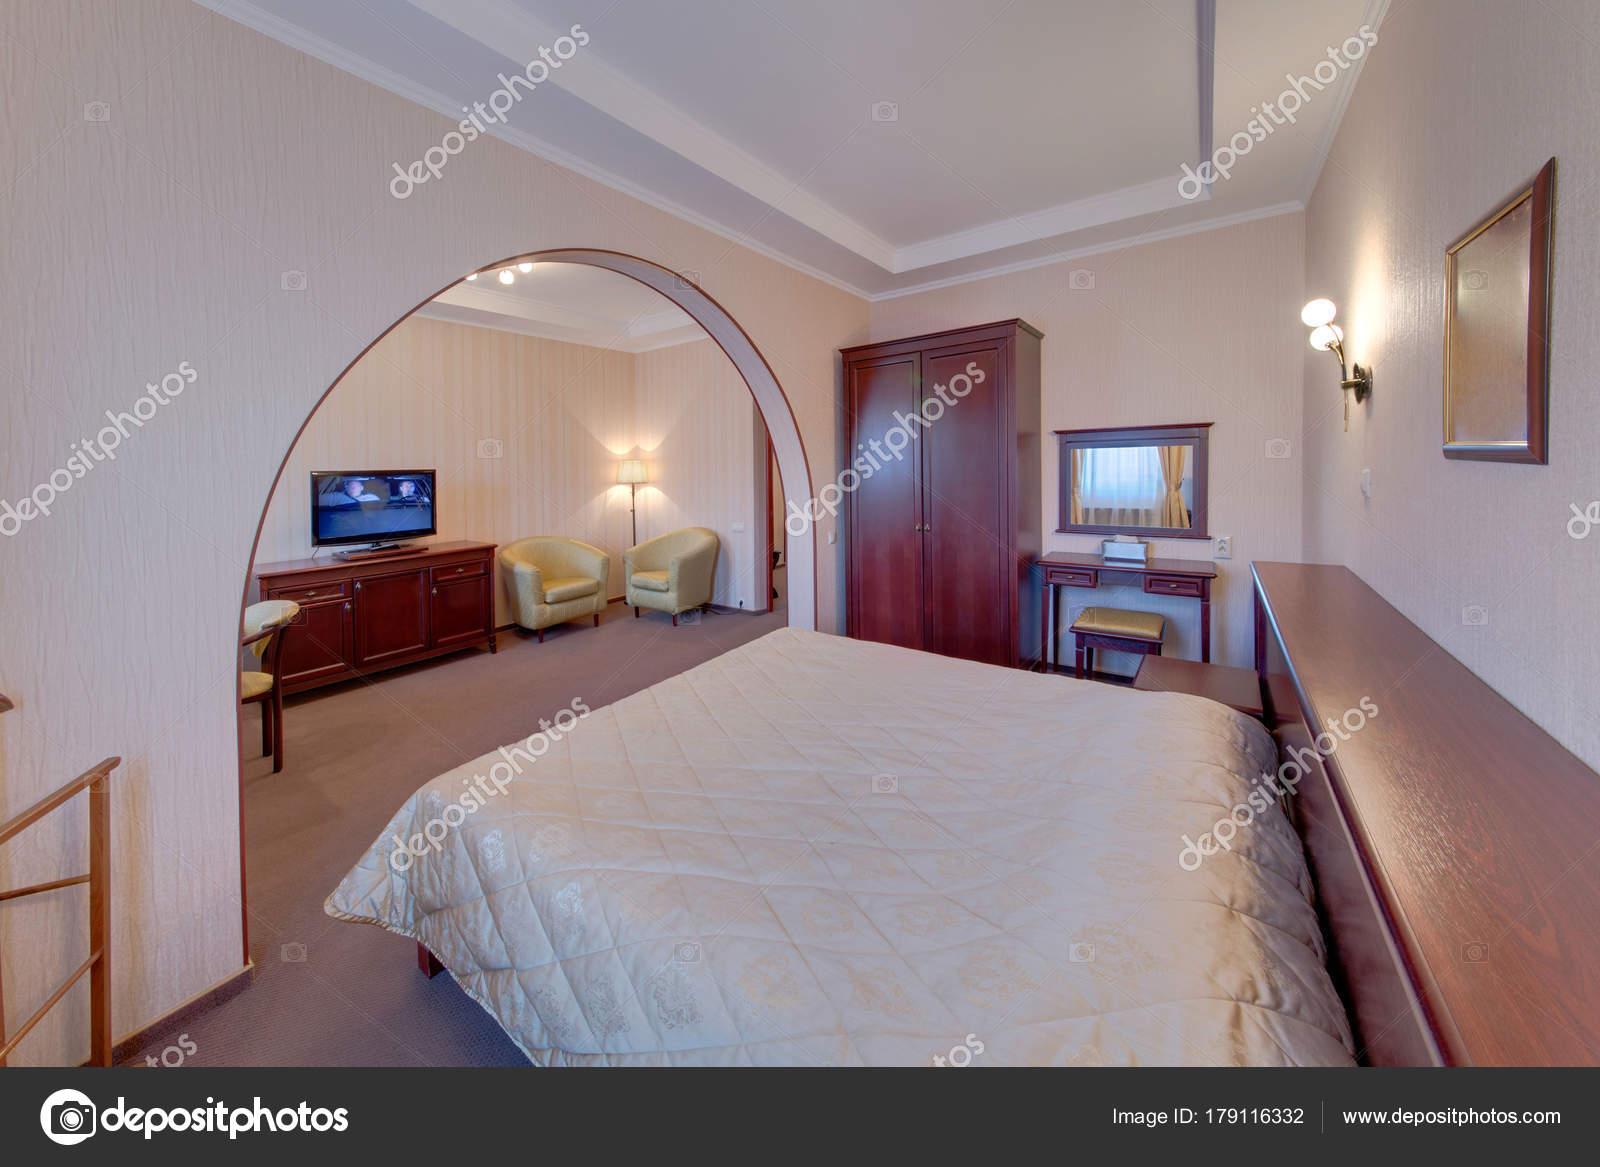 Letto dorme camera letto con tavolino uno sgabello imbottito uno